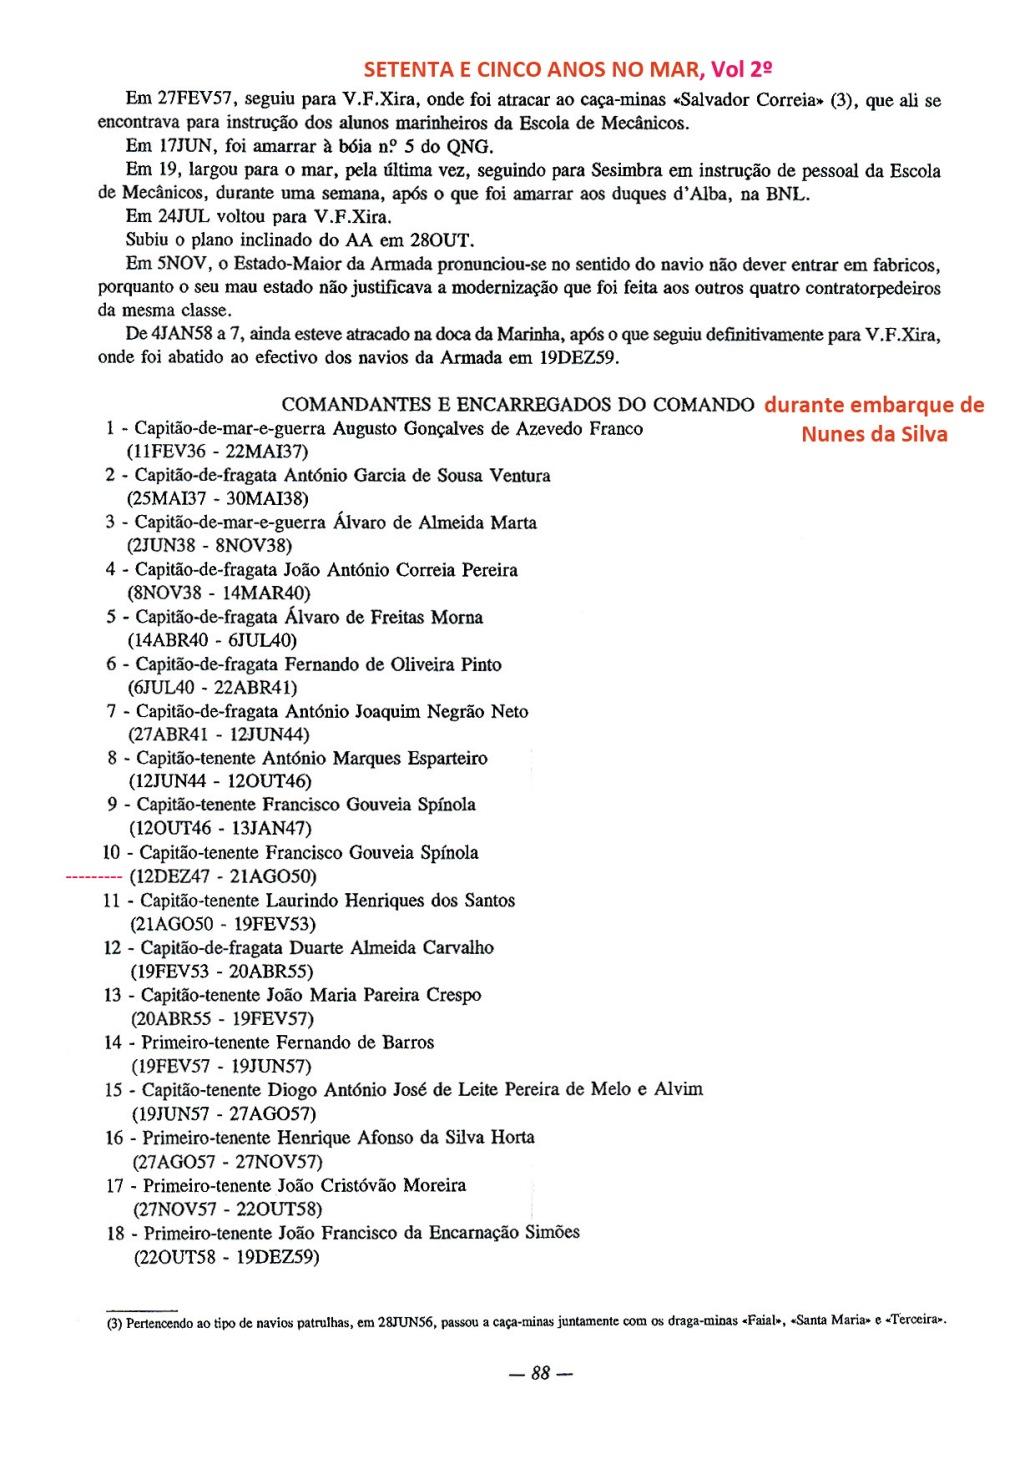 00195 Comandante do DOURO durante embarque de Nunes da Silva -Setenta e Cinco Anos no Mar,vol 2º